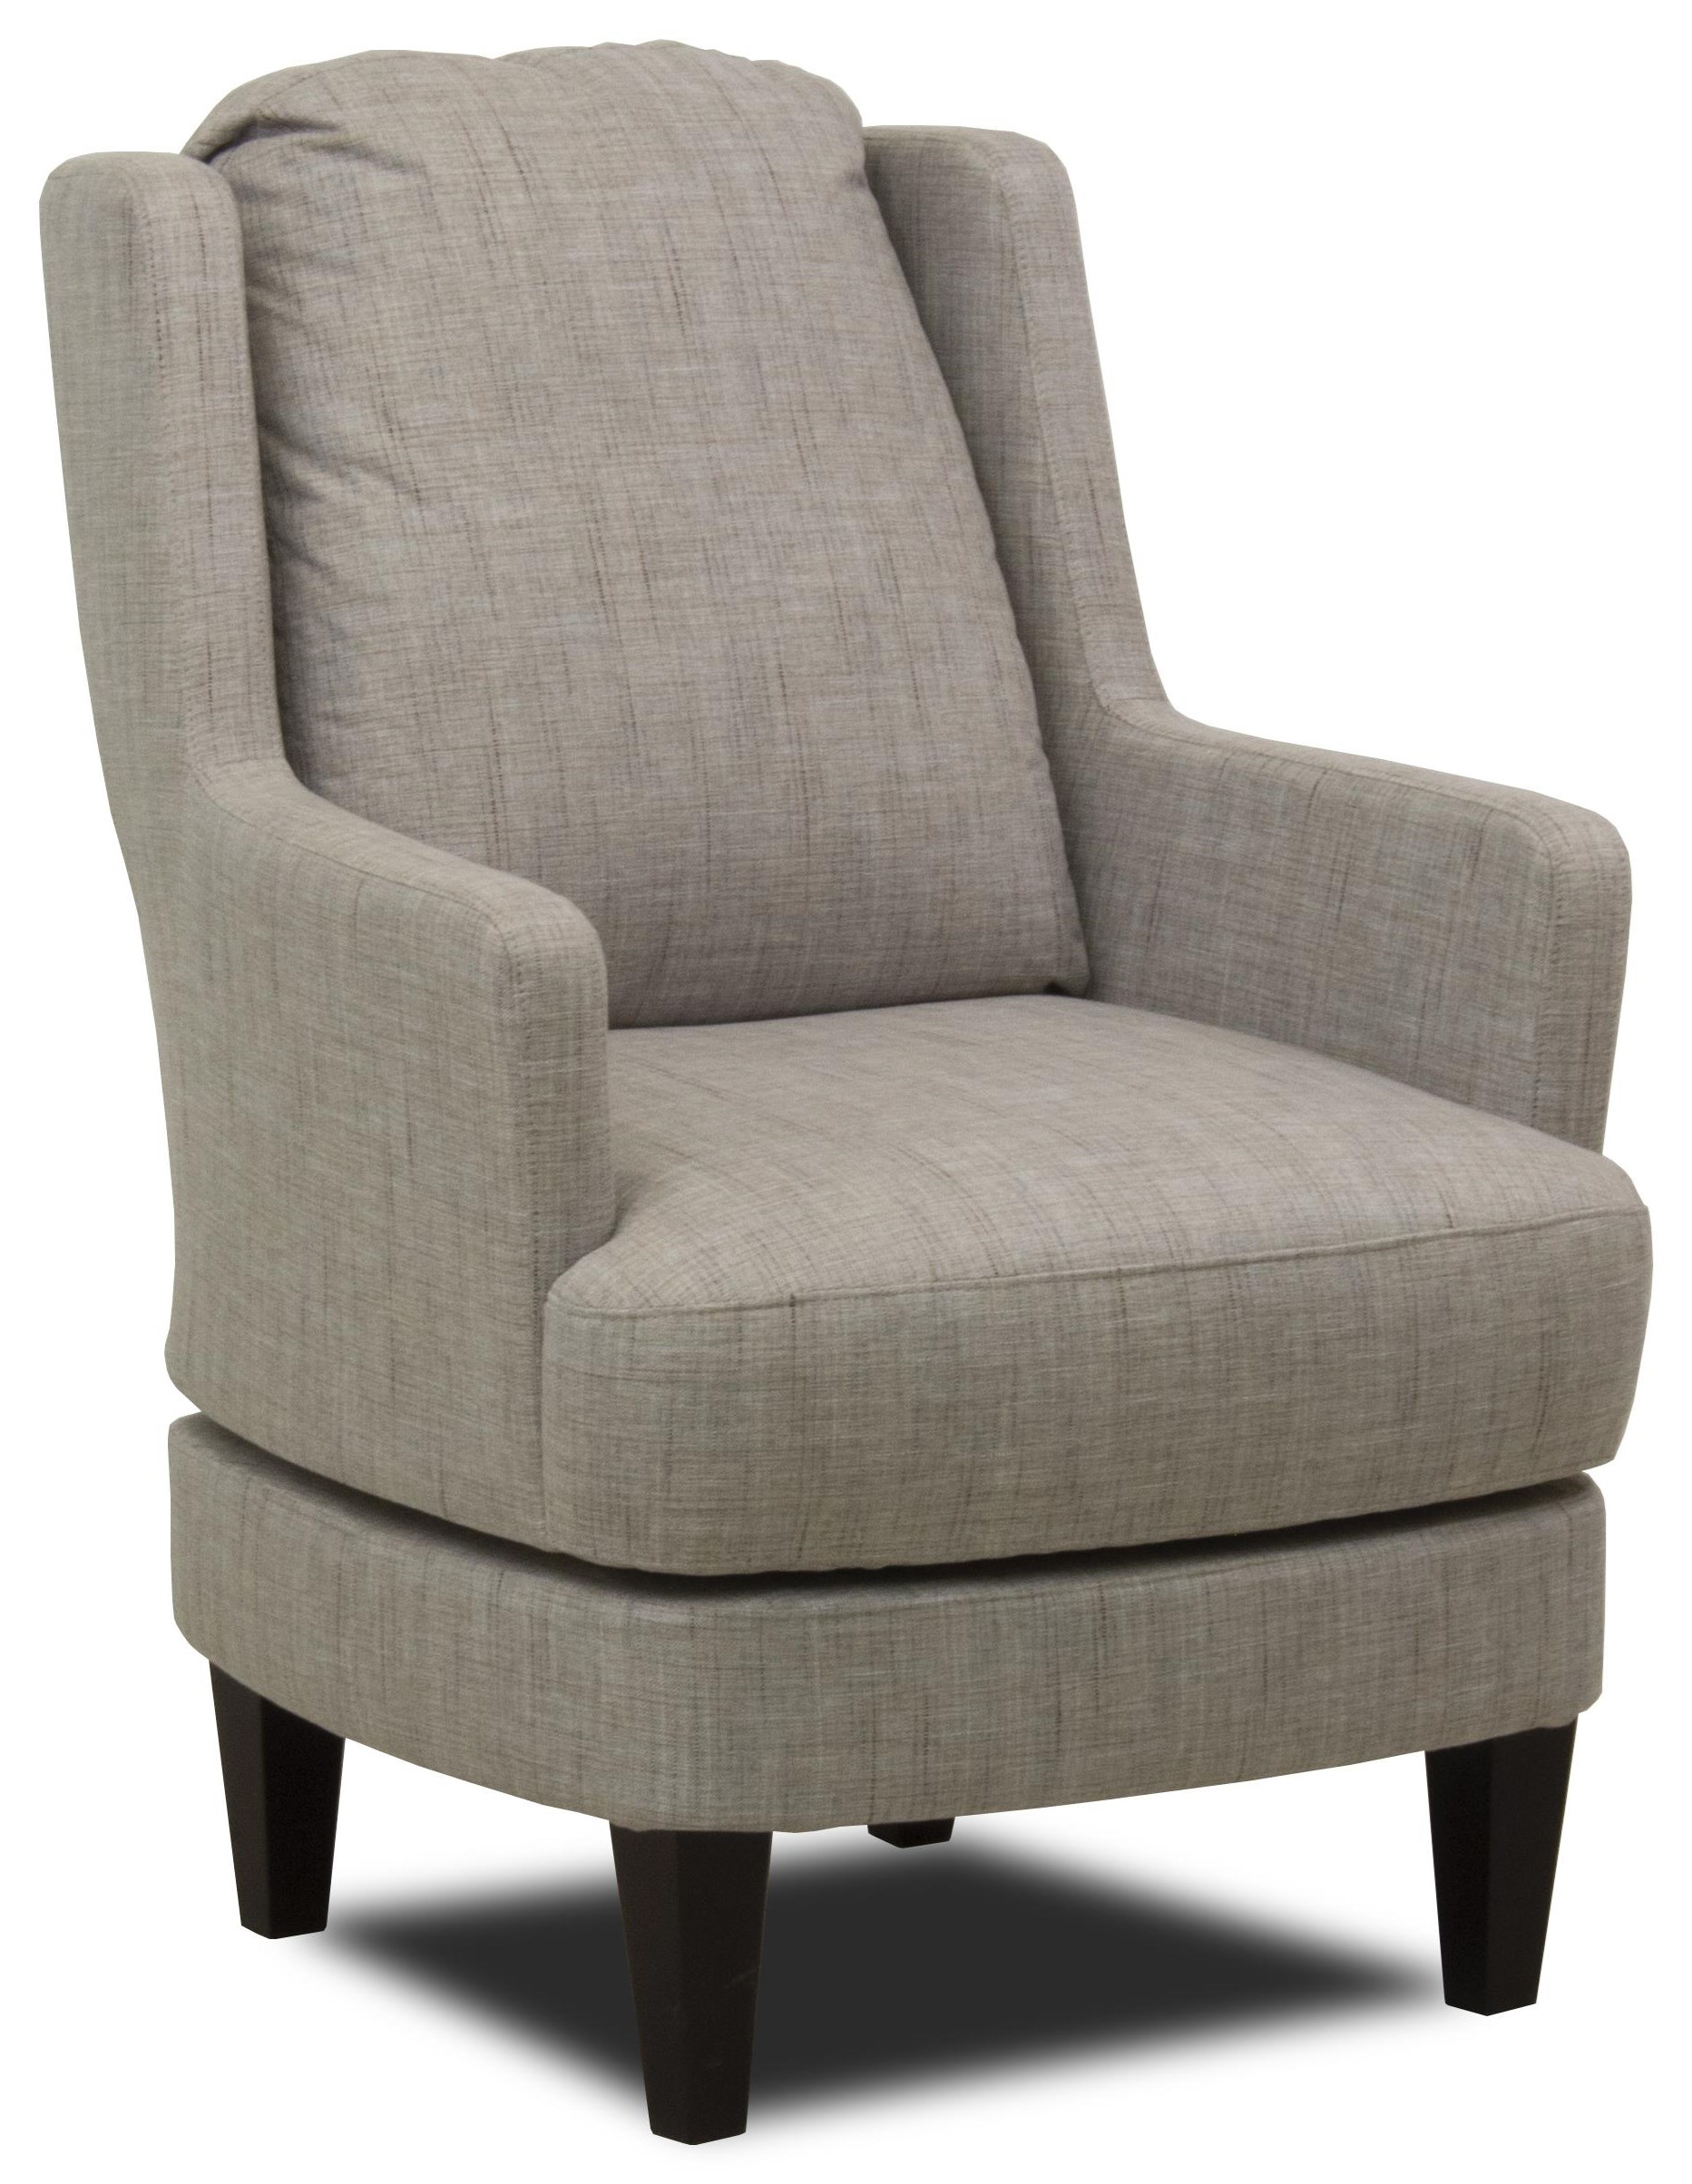 Club Chairs Swivel Chair at Ruby Gordon Home